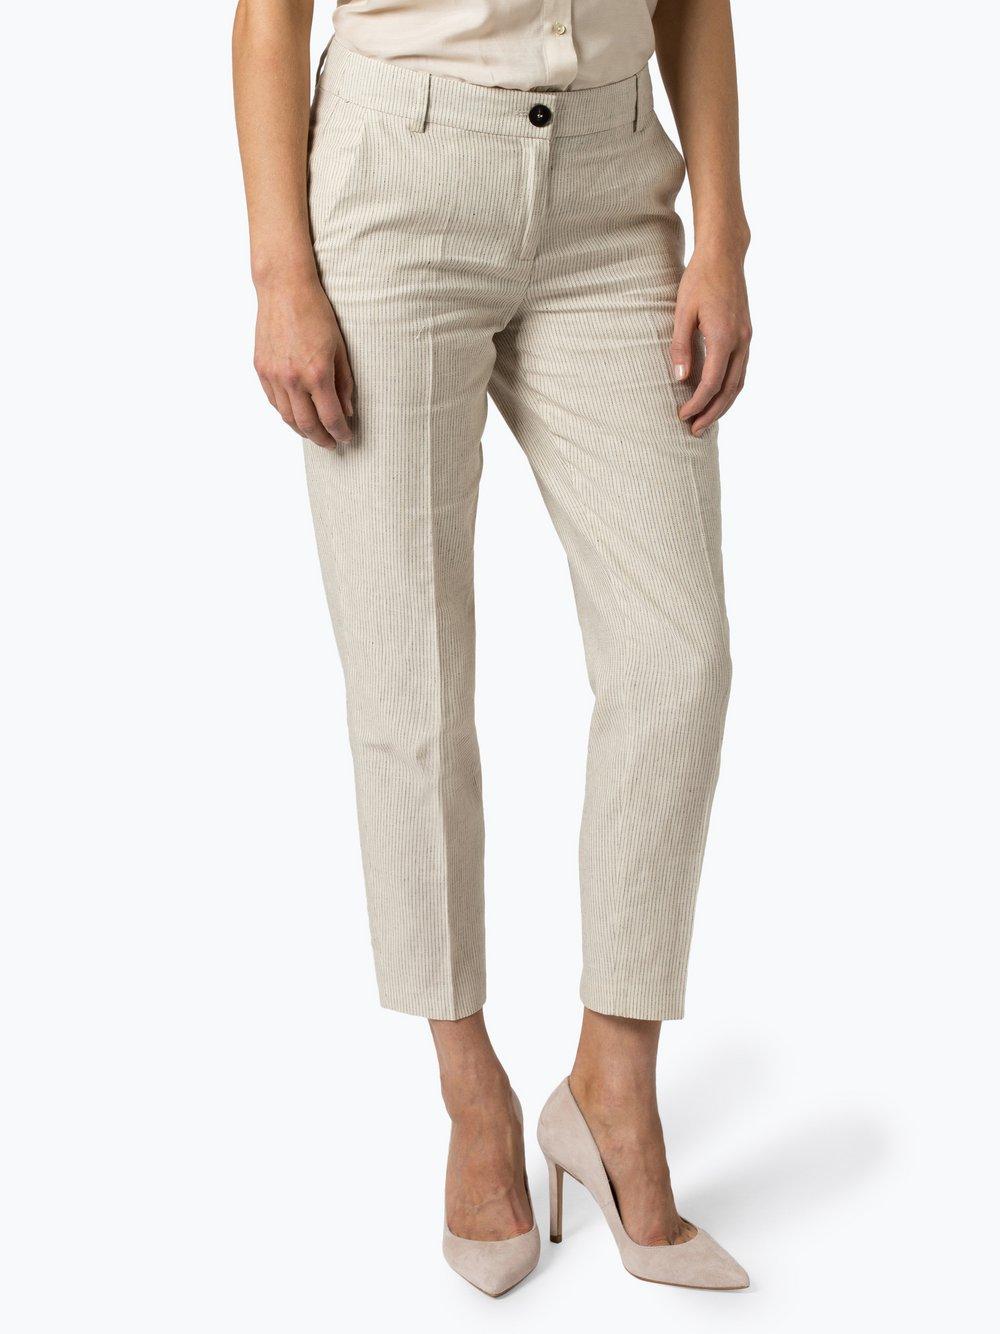 Esprit Collection – Spodnie damskie z dodatkiem lnu, beżowy Van Graaf 438483-0001-00340